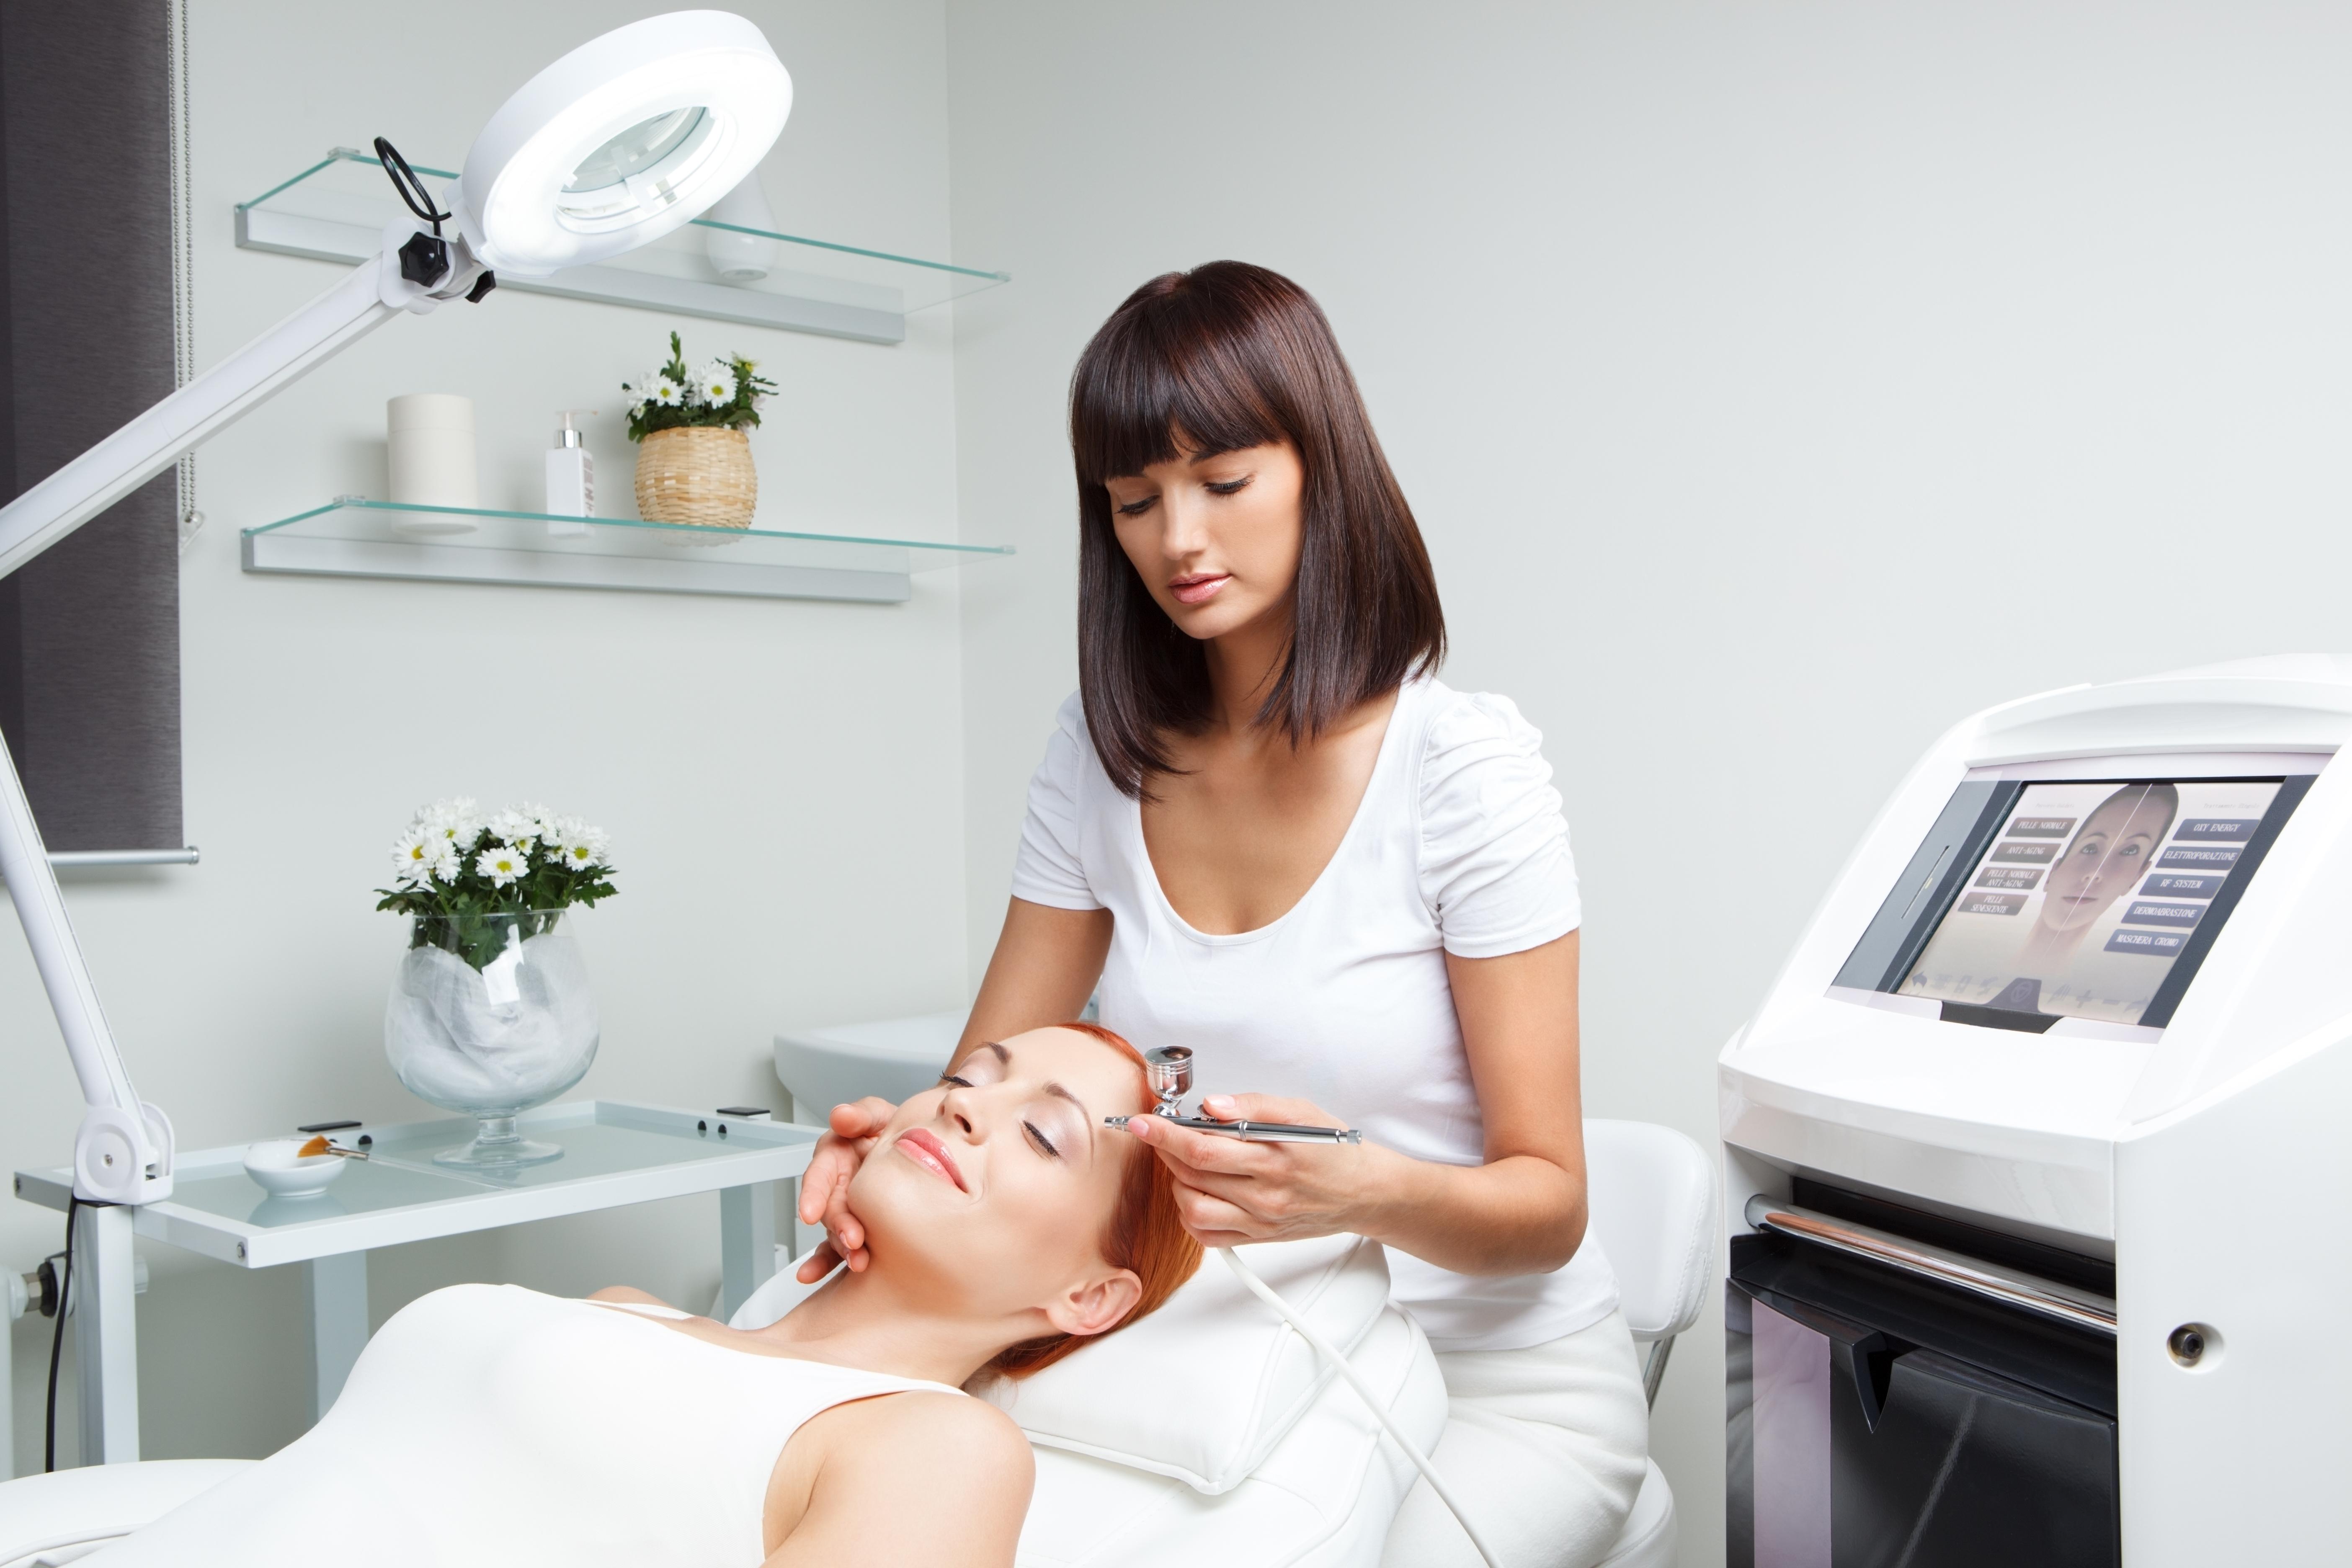 Работа косметологом: забота о красоте и здоровье окружающих